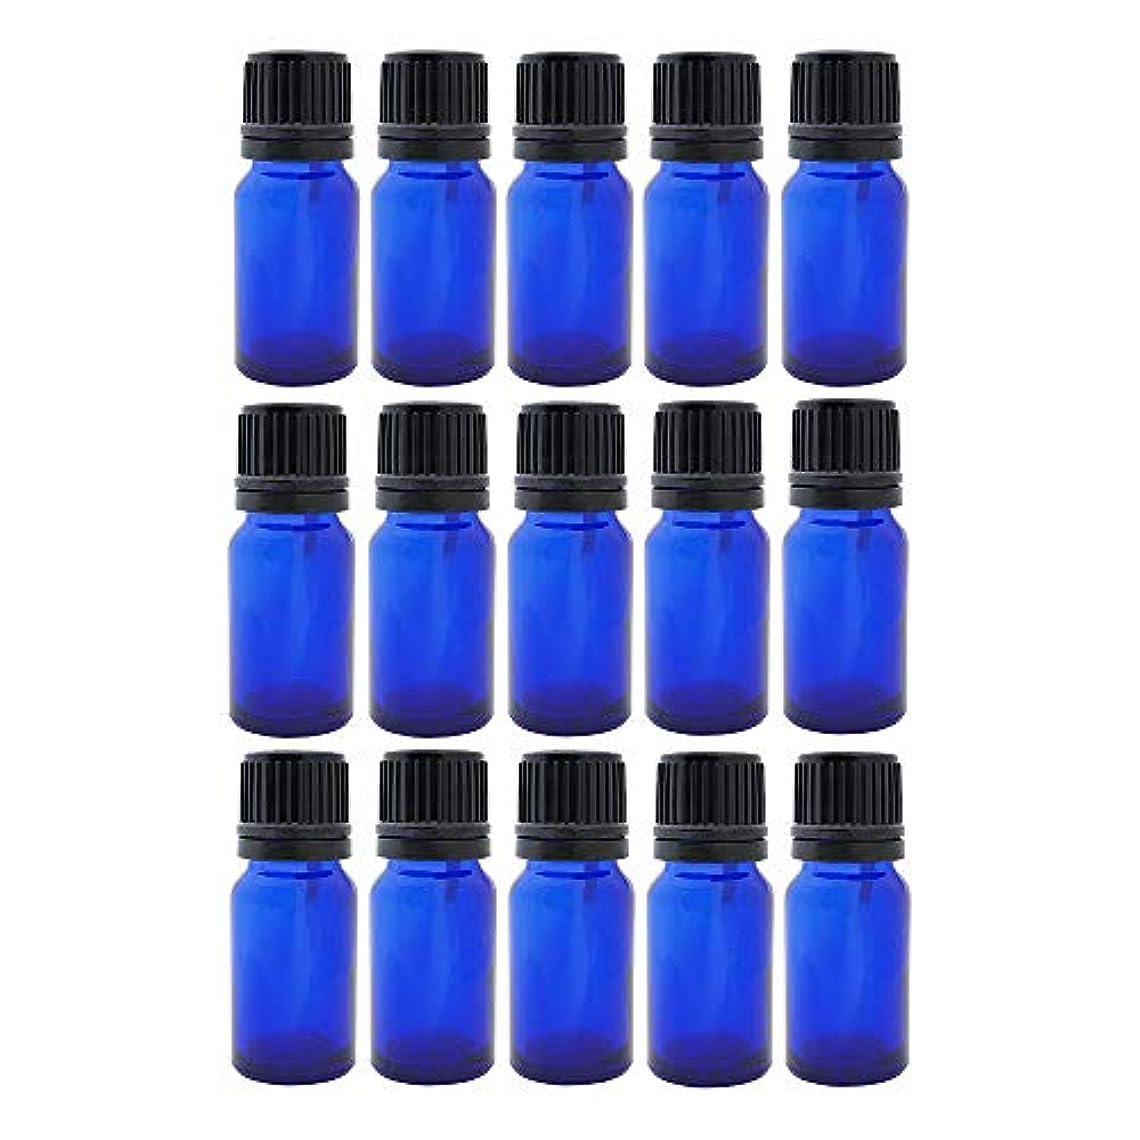 リンスジェムプロット遮光ビン 10ml 瓶 15本セット ブルー(ドロッパー キャップ付)